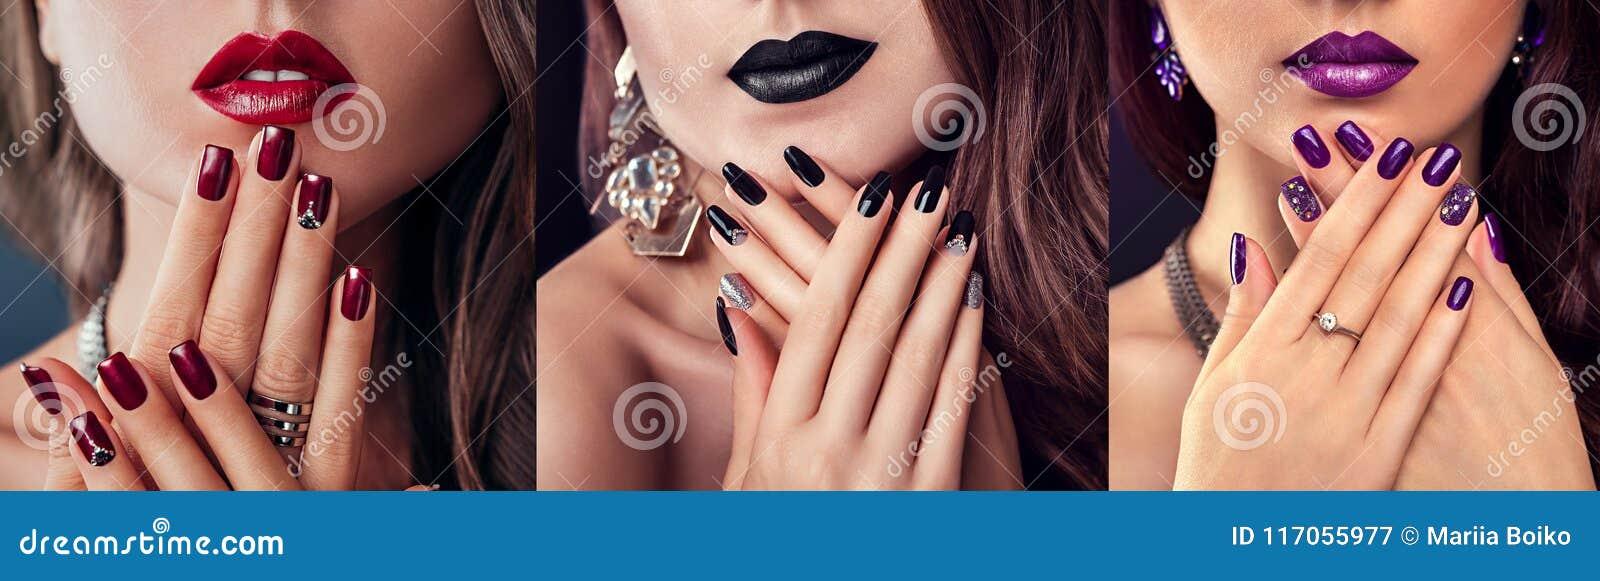 Schönheitsmode-modell mit unterschiedlichem Make-up und Nagel entwerfen tragenden Schmuck Satz der Maniküre Drei stilvolle Blicke